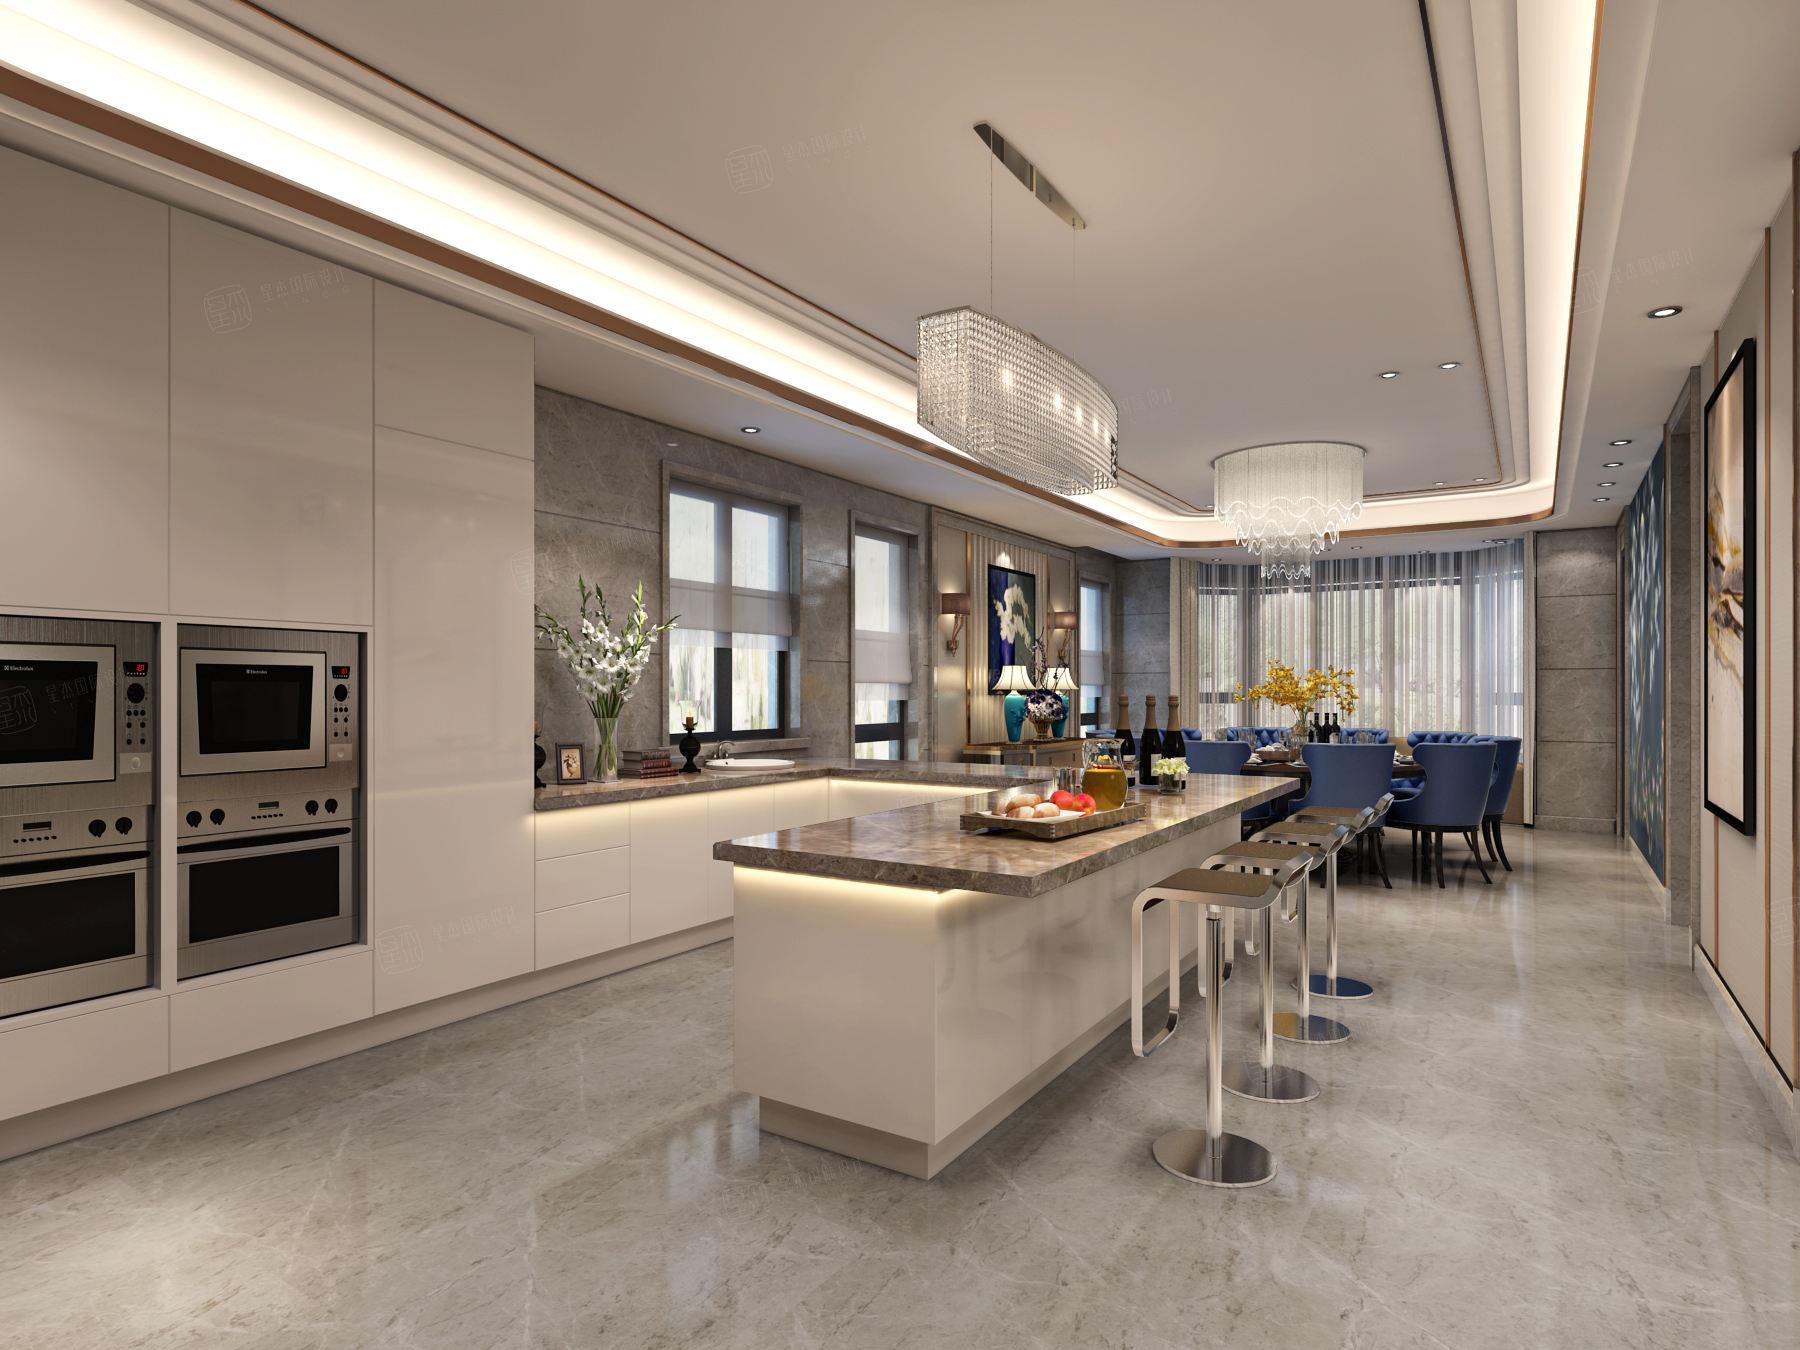 御翠园 现代风格装修厨房效果图